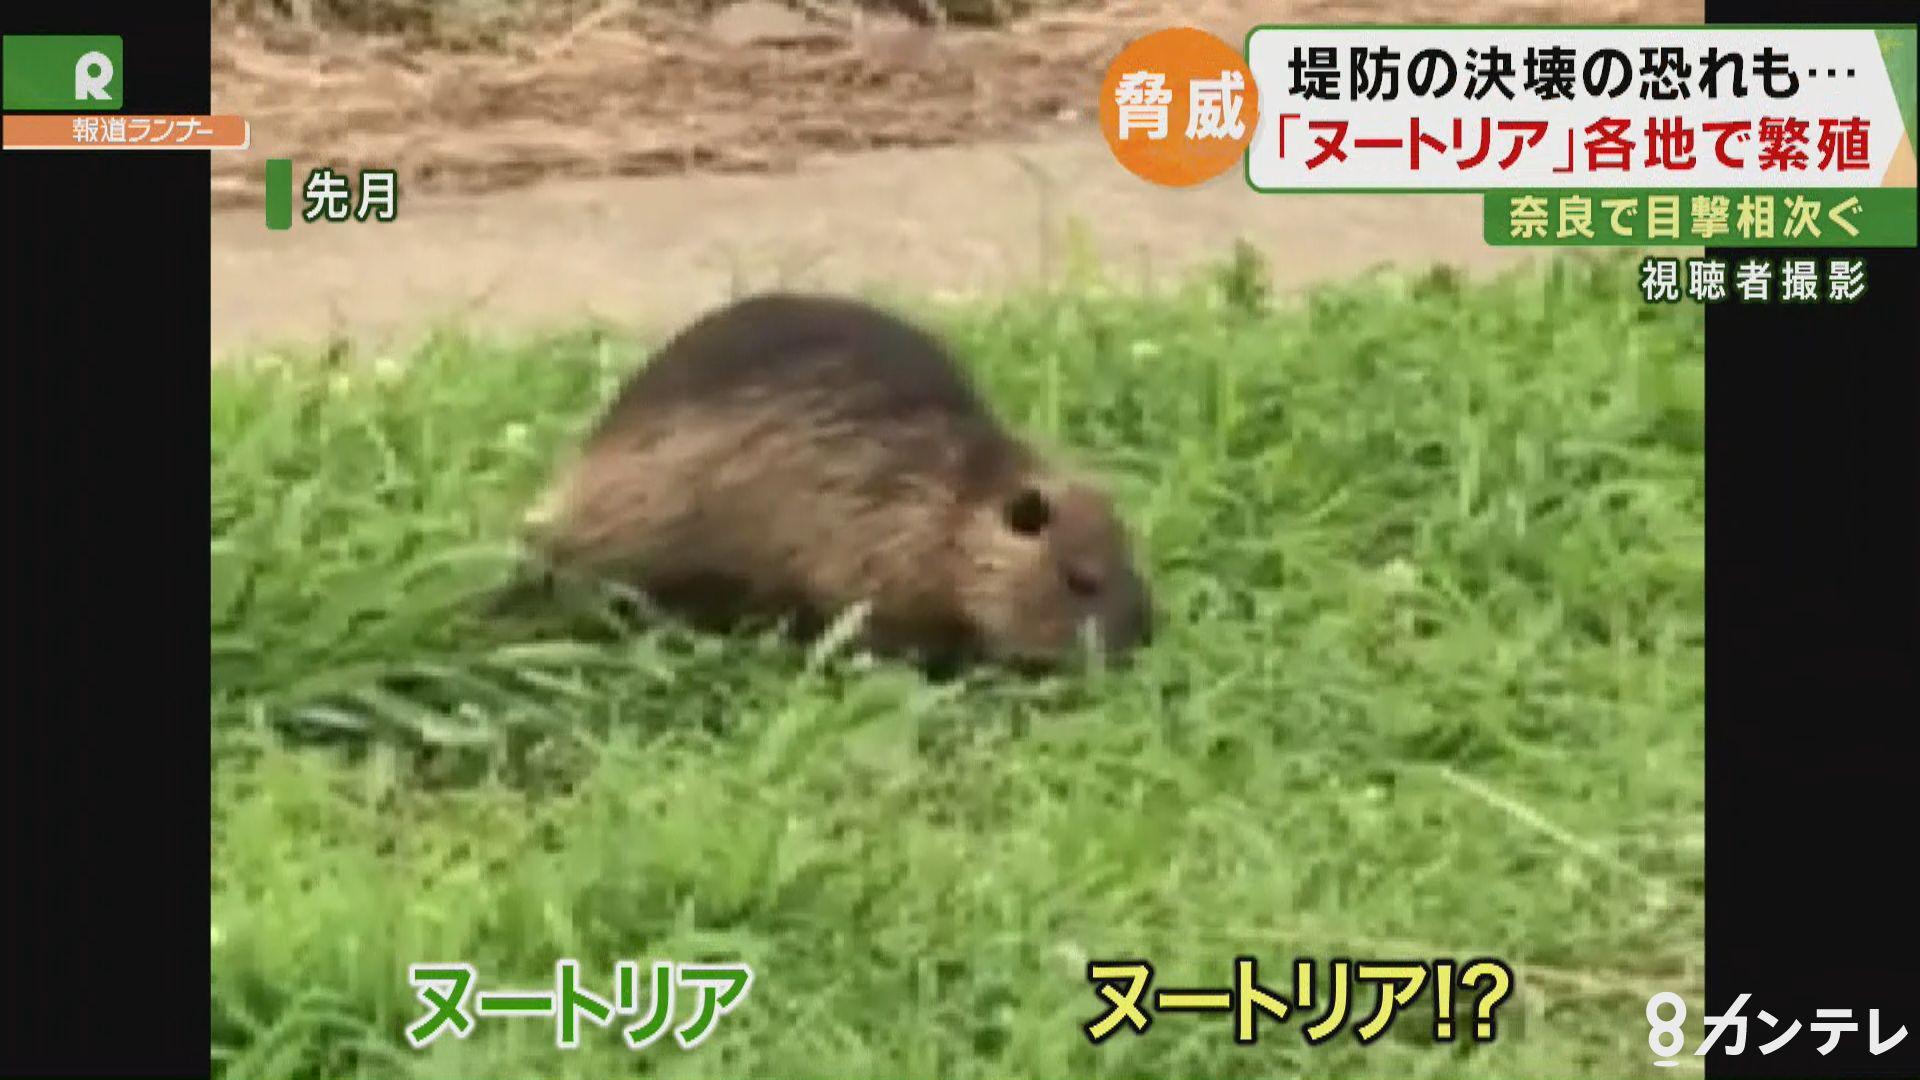 奈良県の川で『ヌートリア』!? 目撃相次ぐ 堤防を決壊させる深刻な被害も…